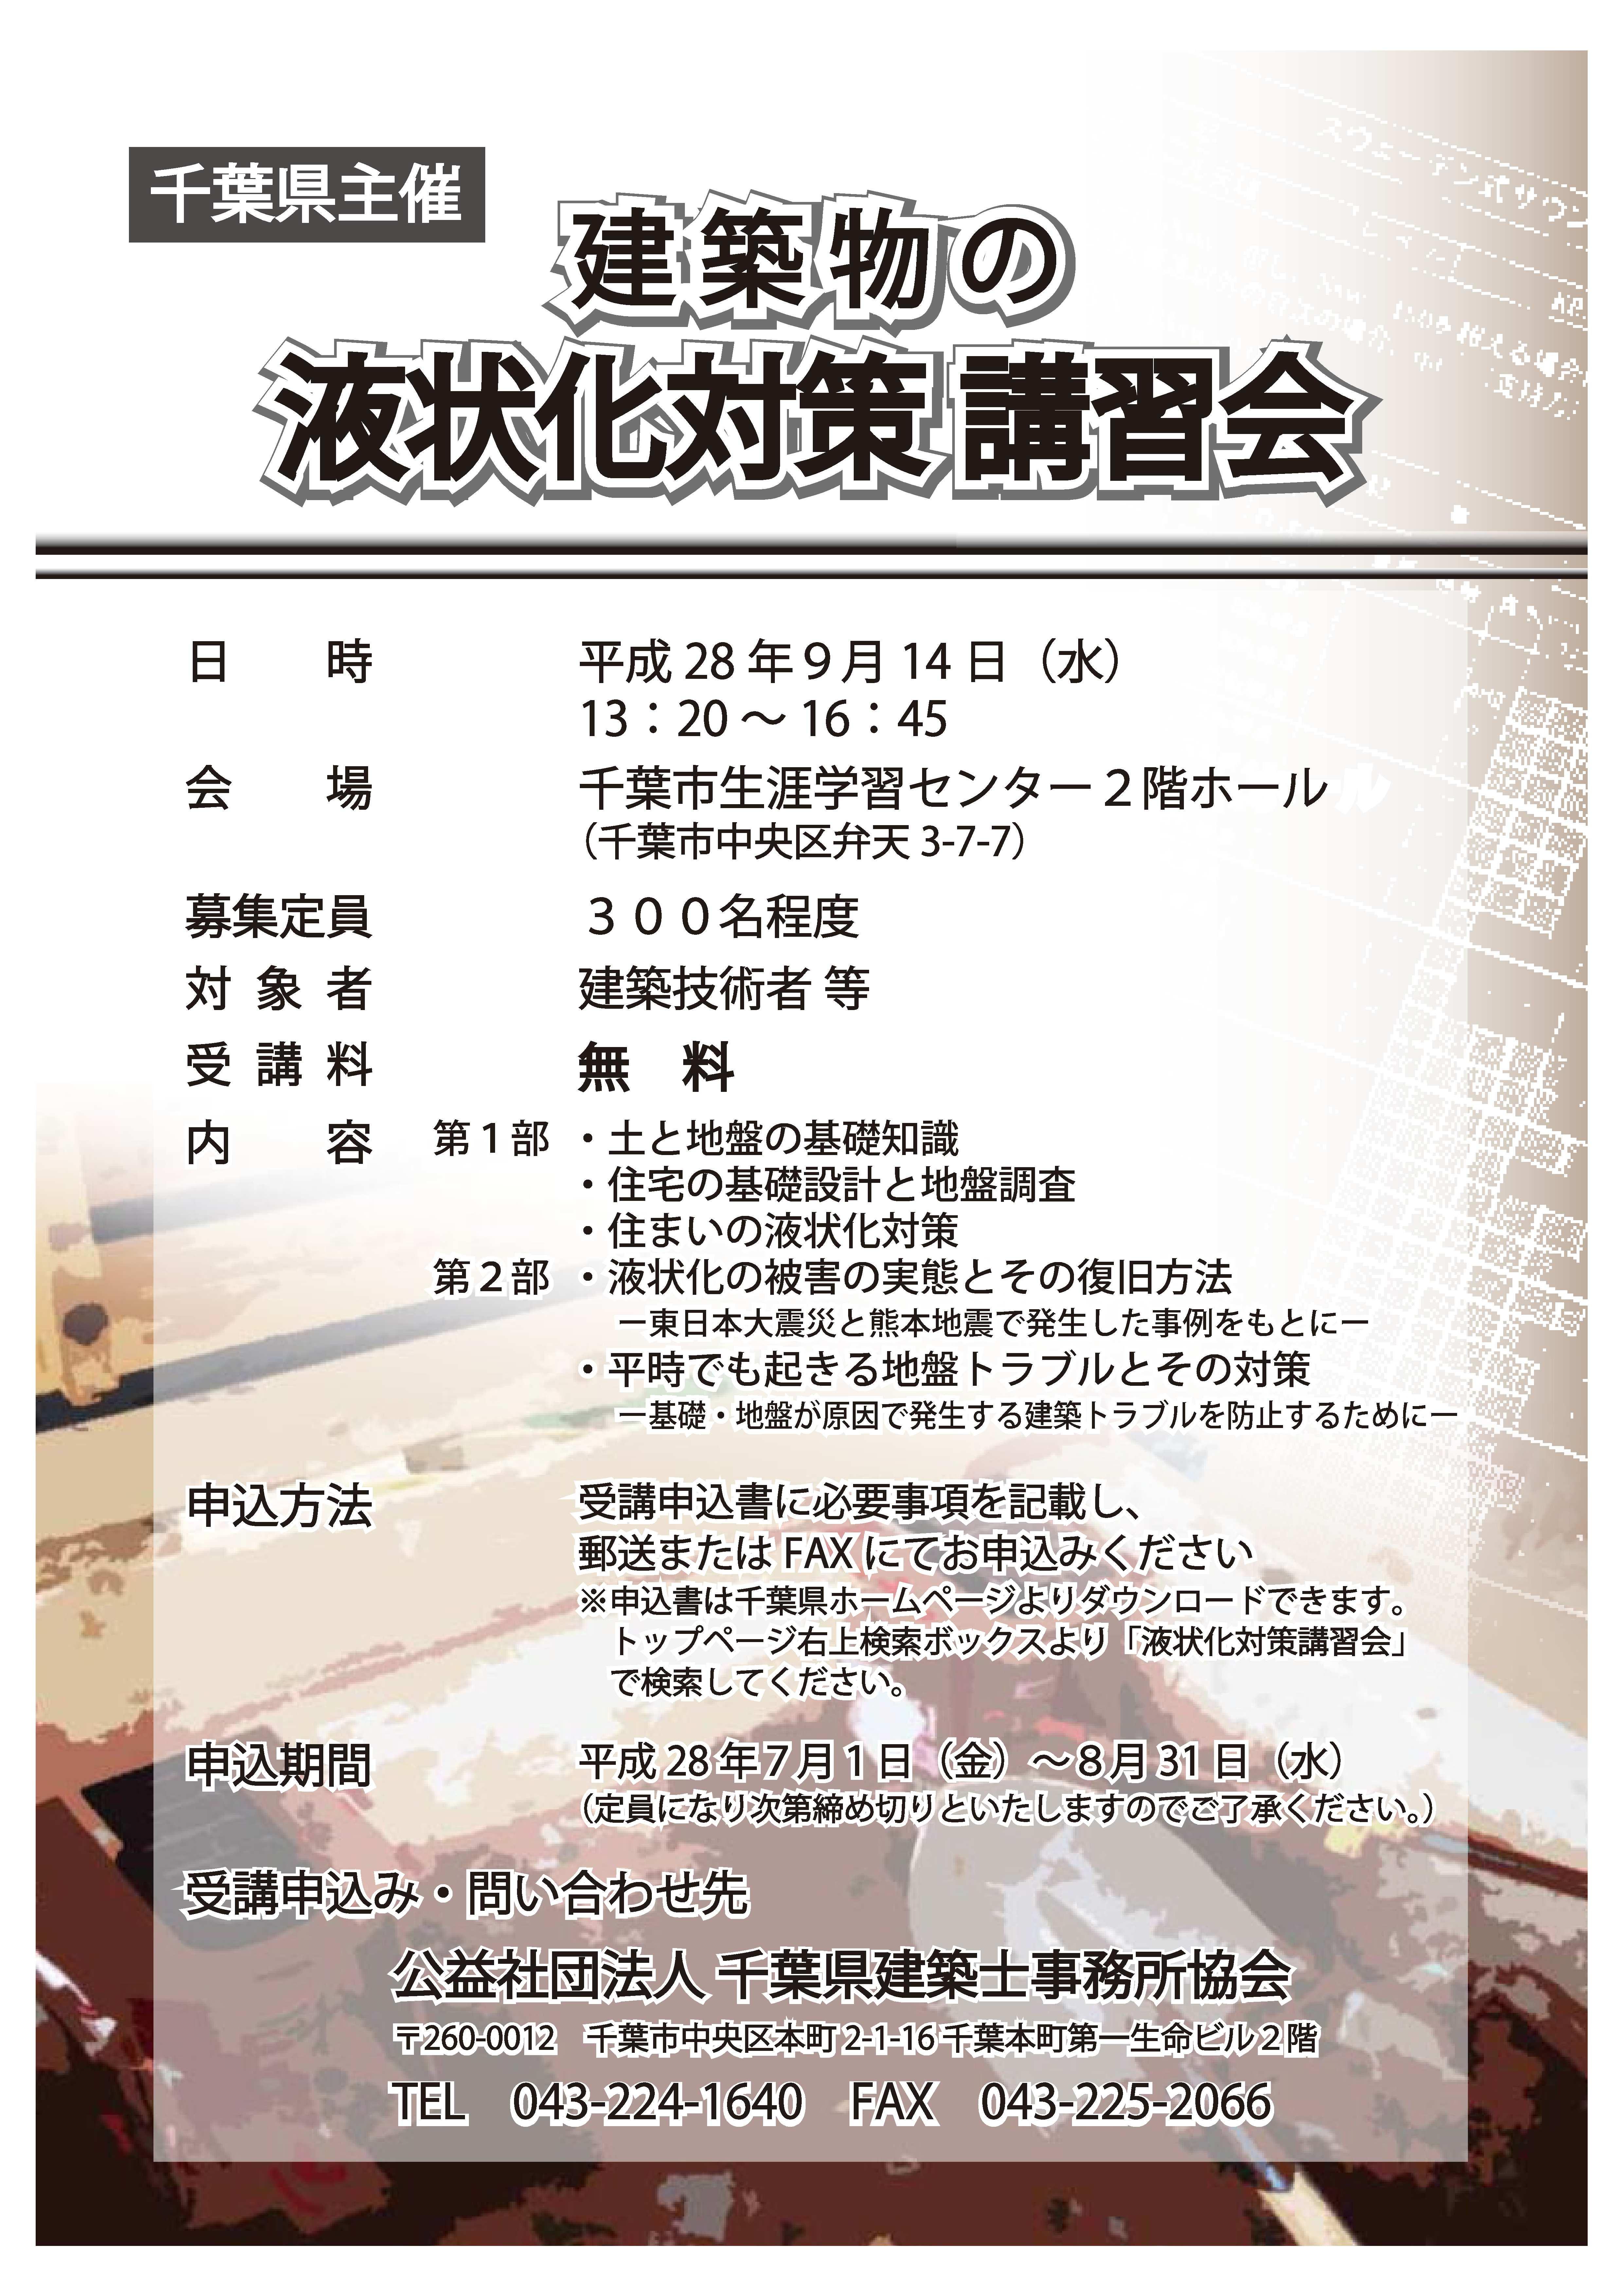 講演のお知らせ:千葉県主催「建築物の液状化対策講習会」